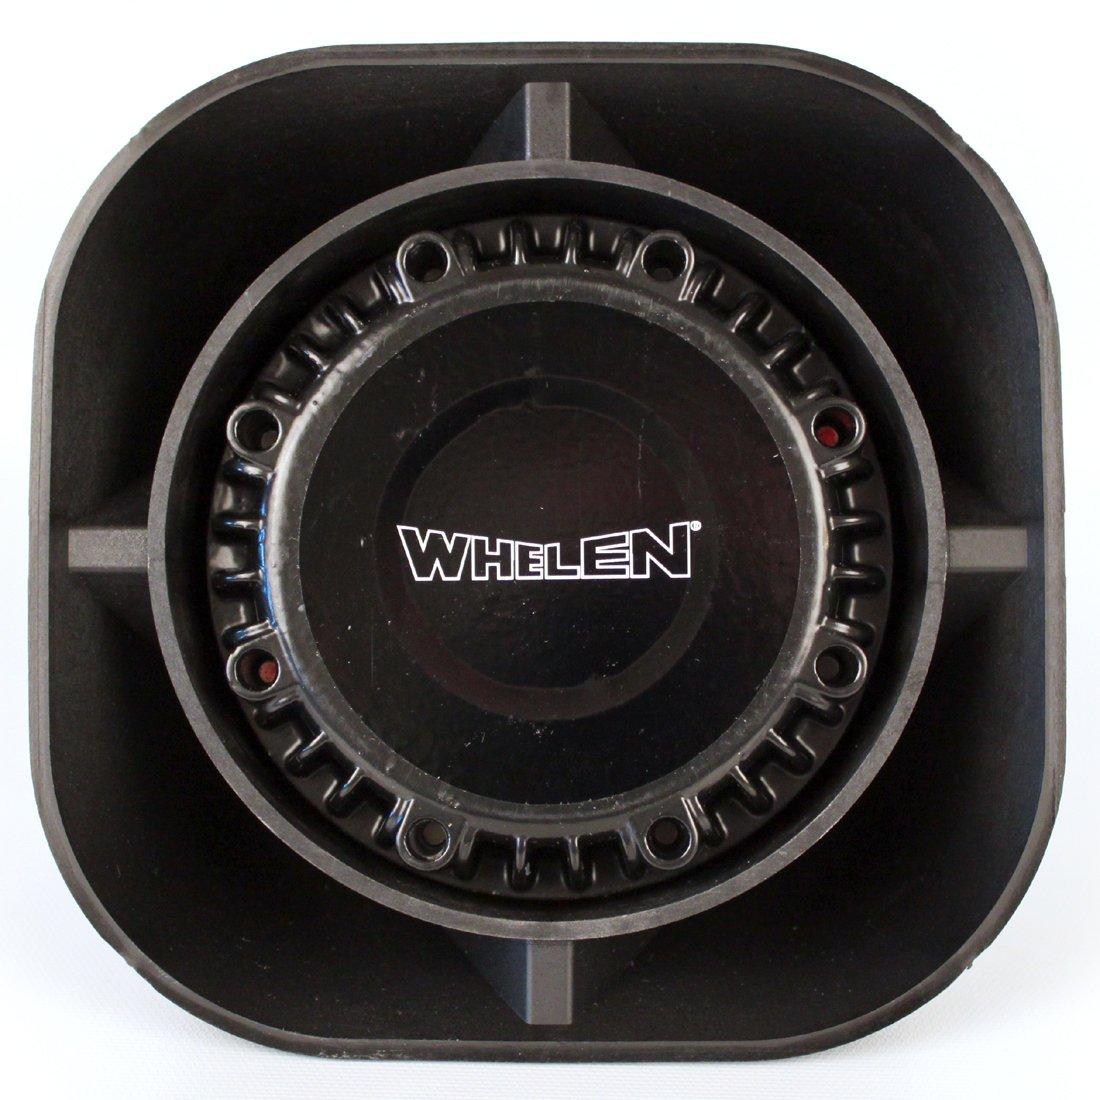 Whelen Engineering 100 Watt Projector Series Speaker SA315P